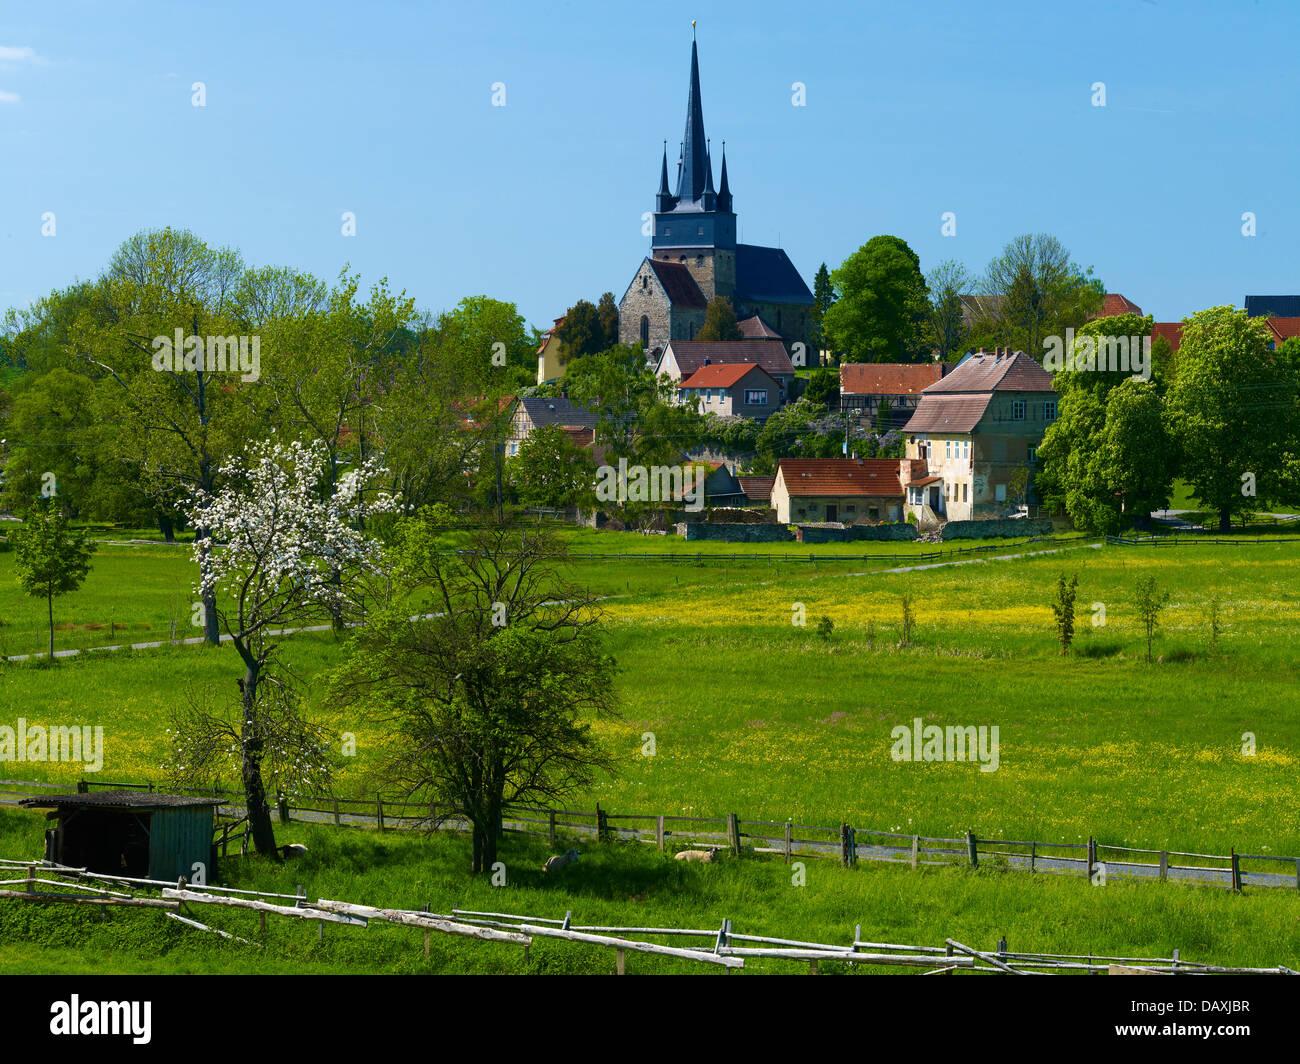 Neunhofen with church, Neustadt an der Orla, Thuringia, Germany - Stock Image